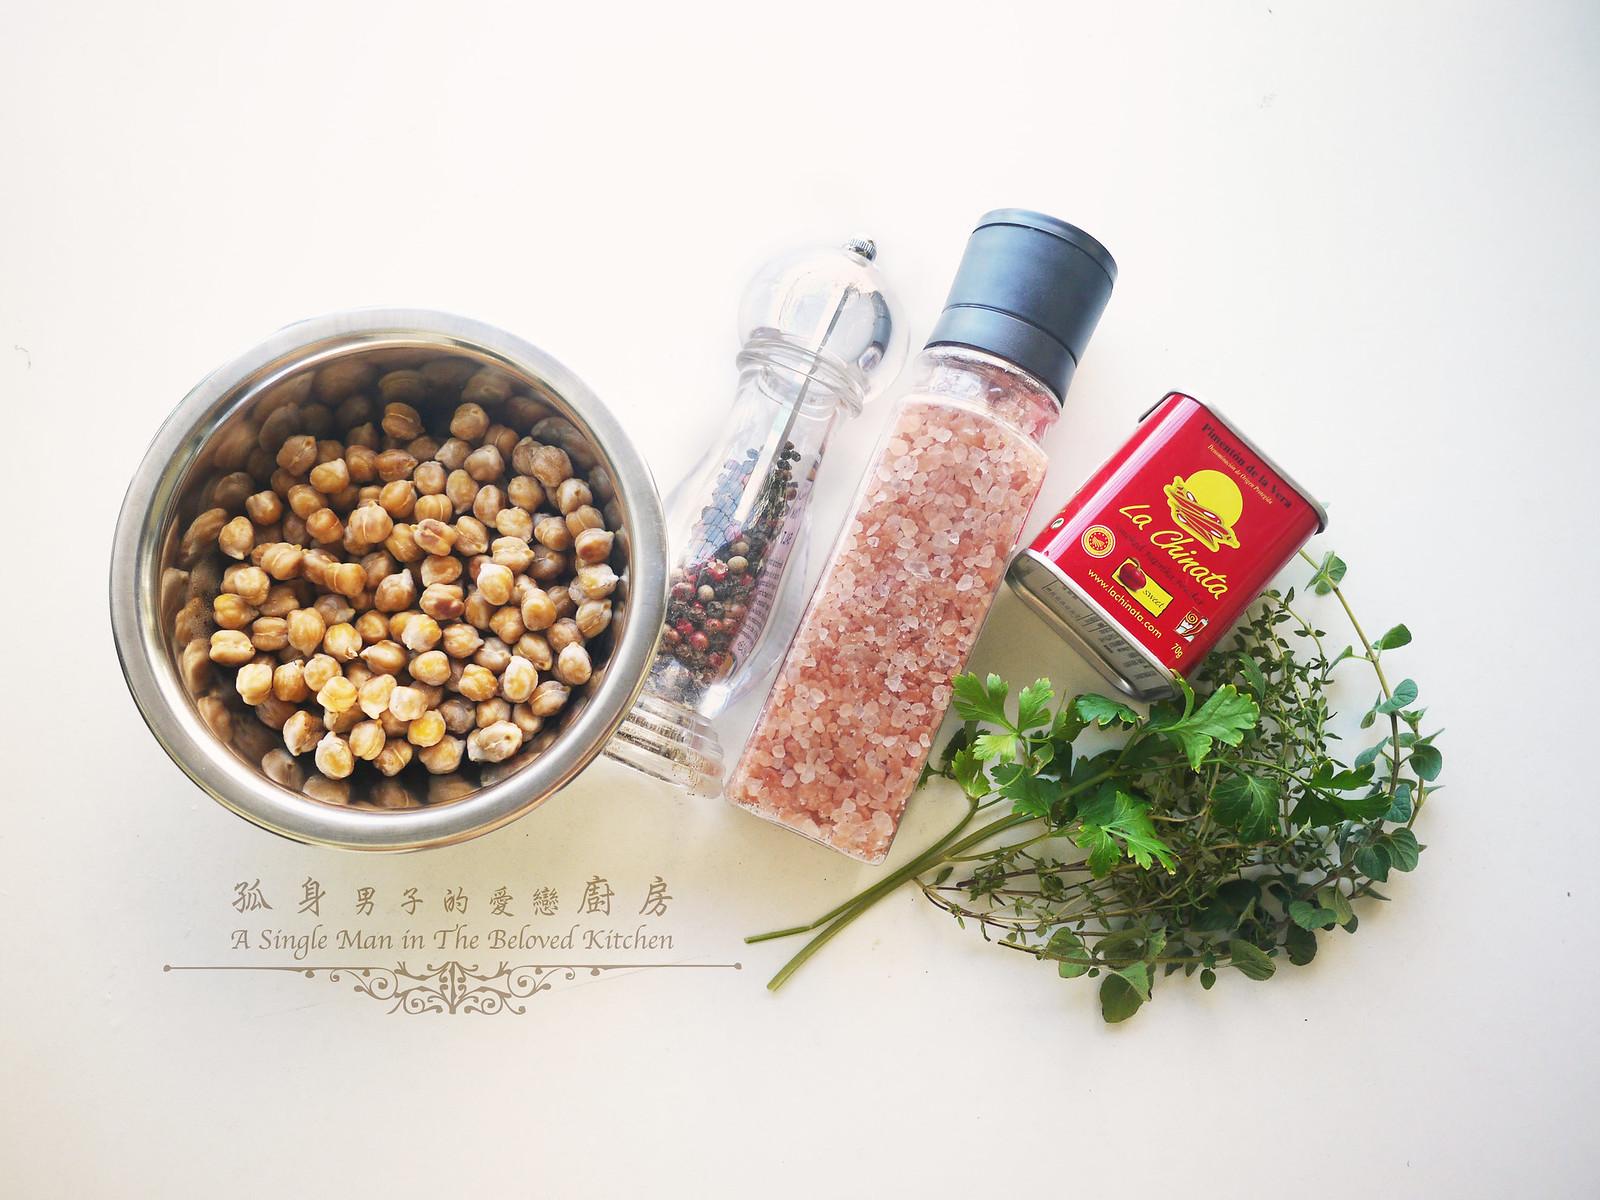 孤身廚房-香料煙燻鹽烤鷹嘴豆1